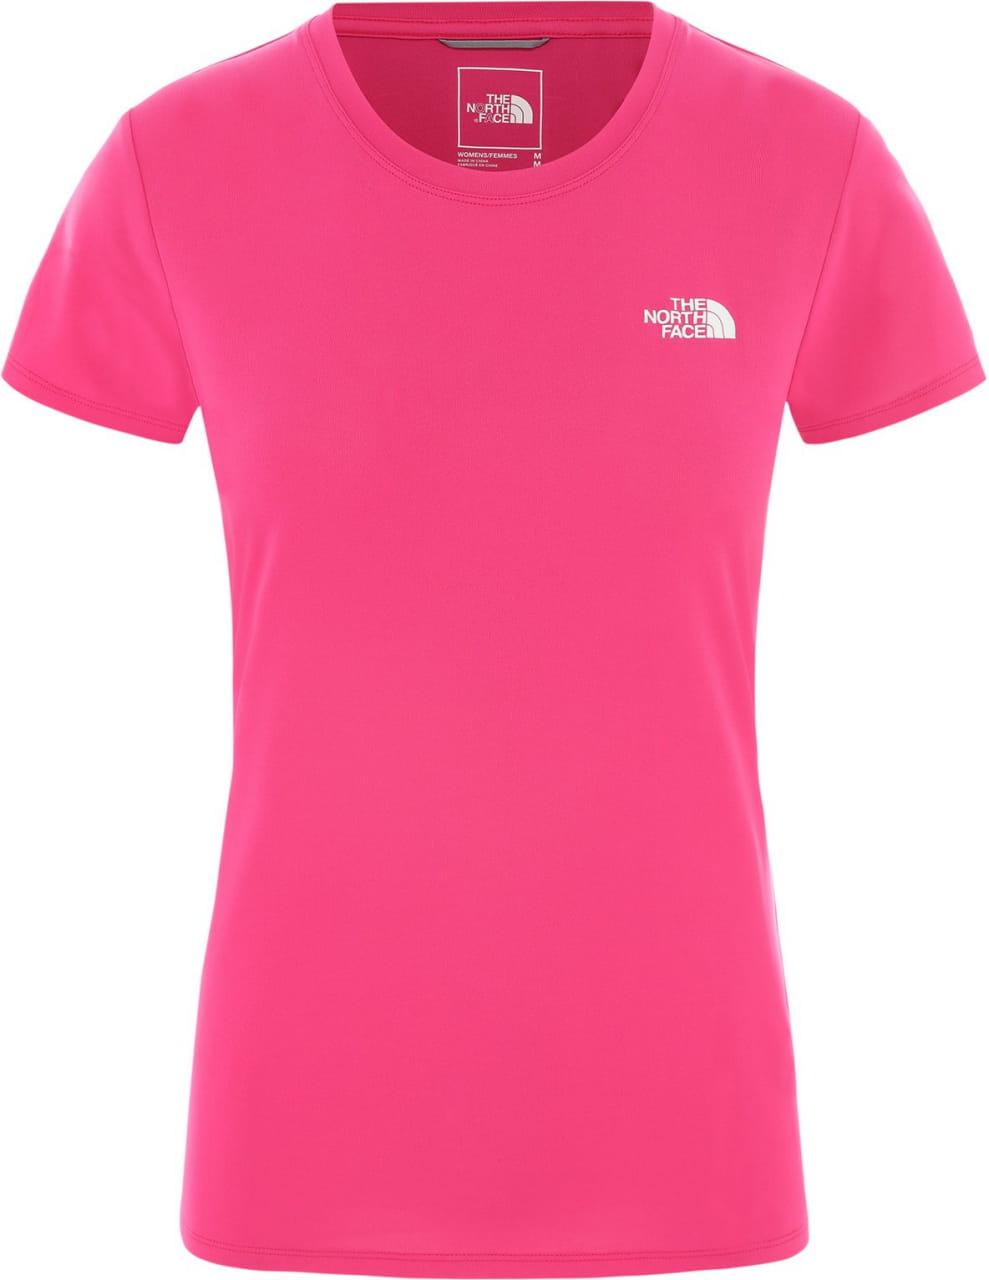 Dámské tričko The North Face Women's Reaxion Ampere T-Shirt